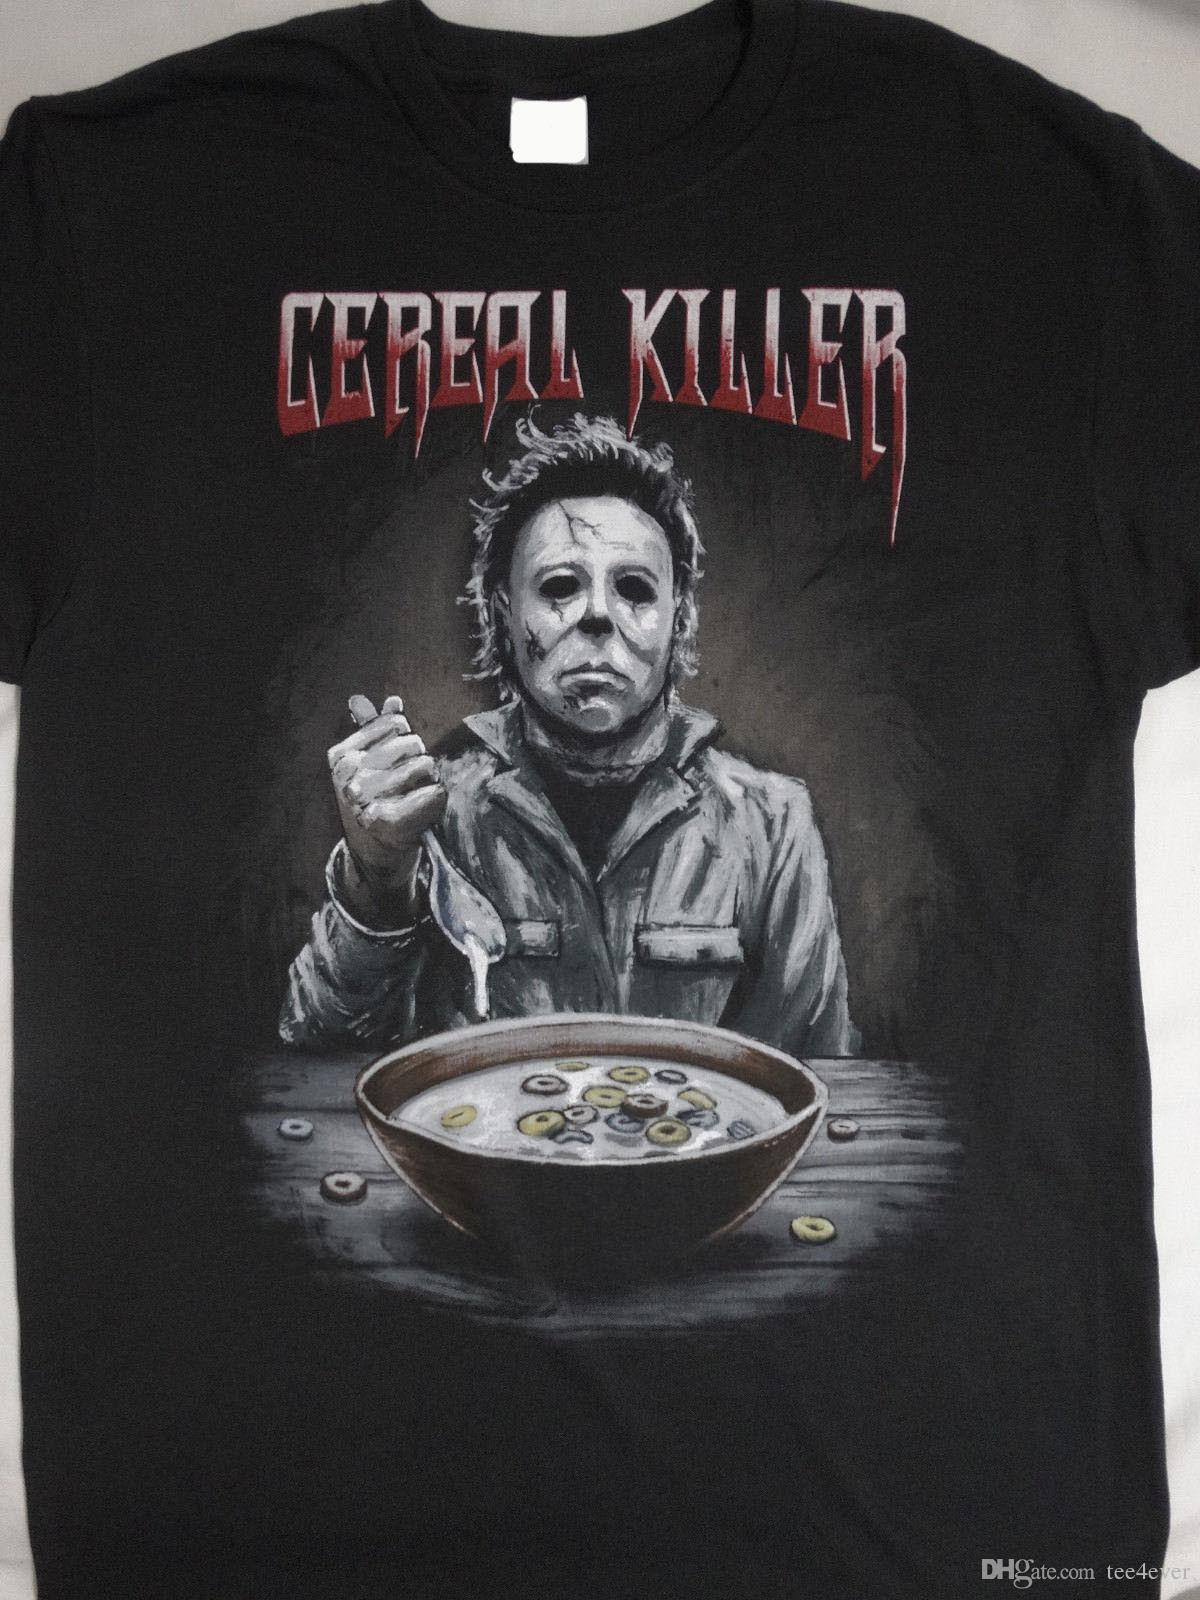 805c1dd5 Michael Myers Halloween T Shirt XL Middle Finger Horror Movie Film Men's  Black 2018 New Men's T Shirt